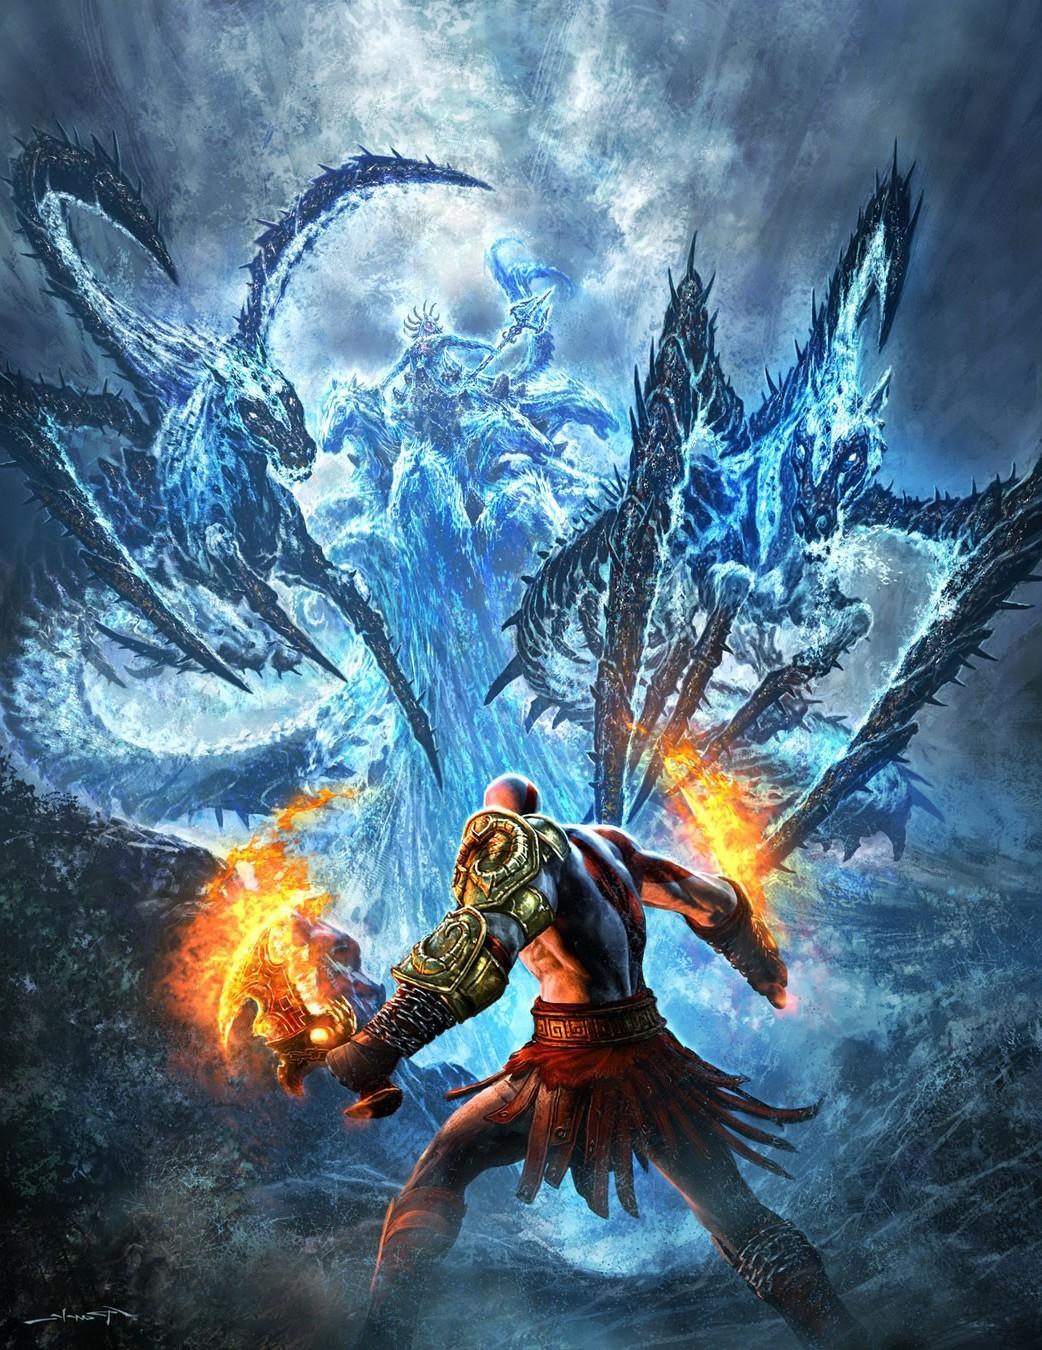 Download God Of War Wallpaper 4k Hd Backgrounds Download